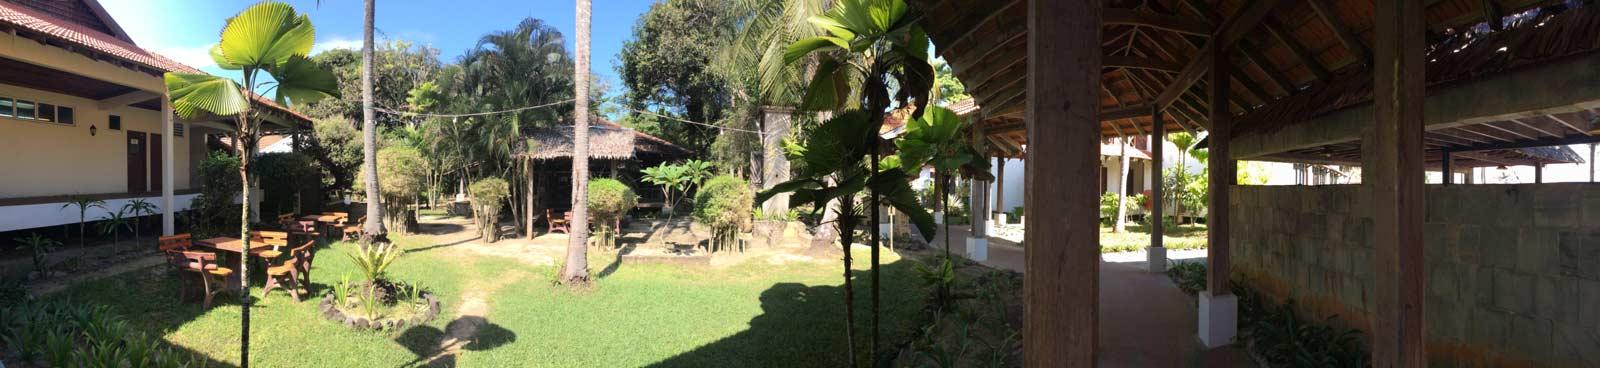 Panorama Grünes Sutra Beach Resort